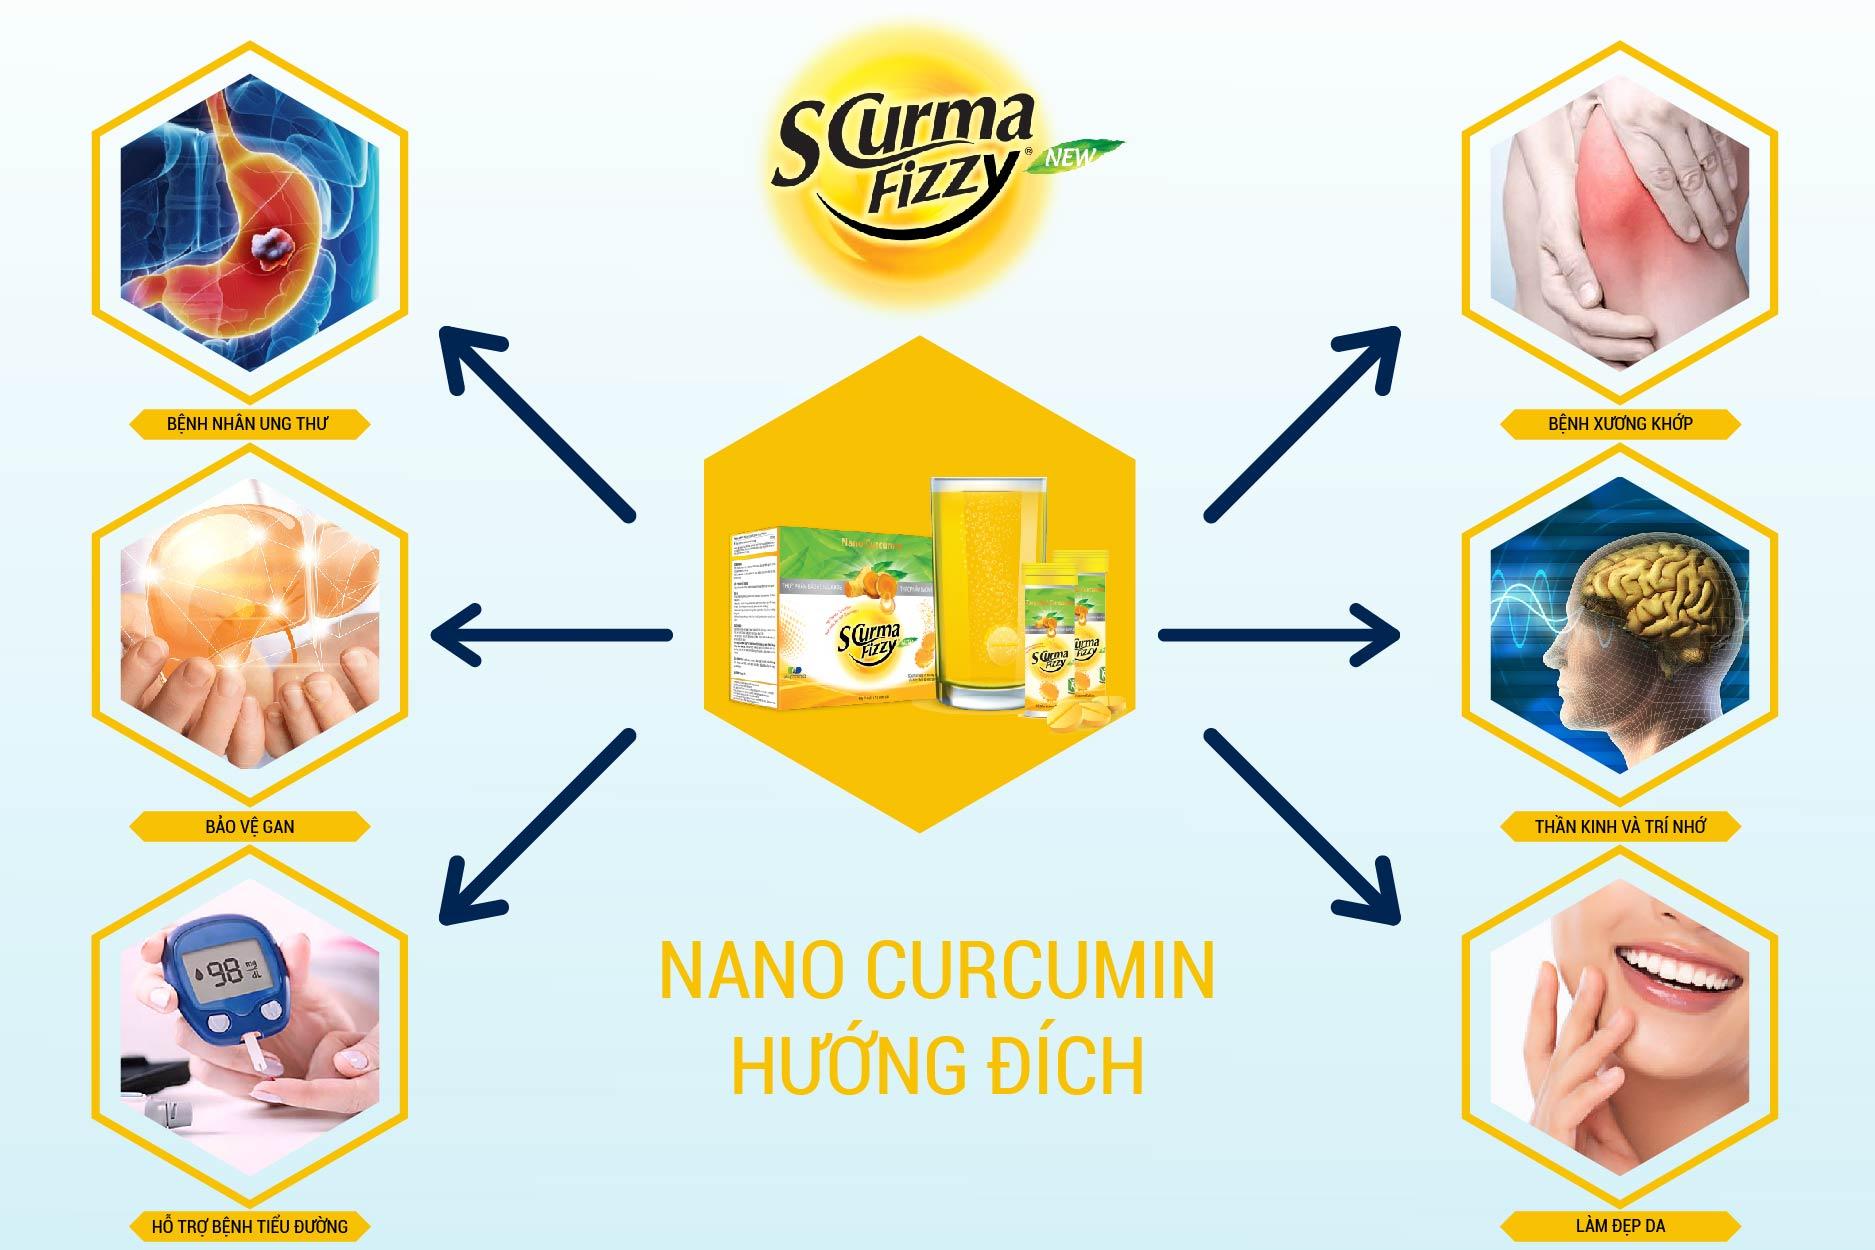 Tác dụng bảo vệ của nano curcumin đích